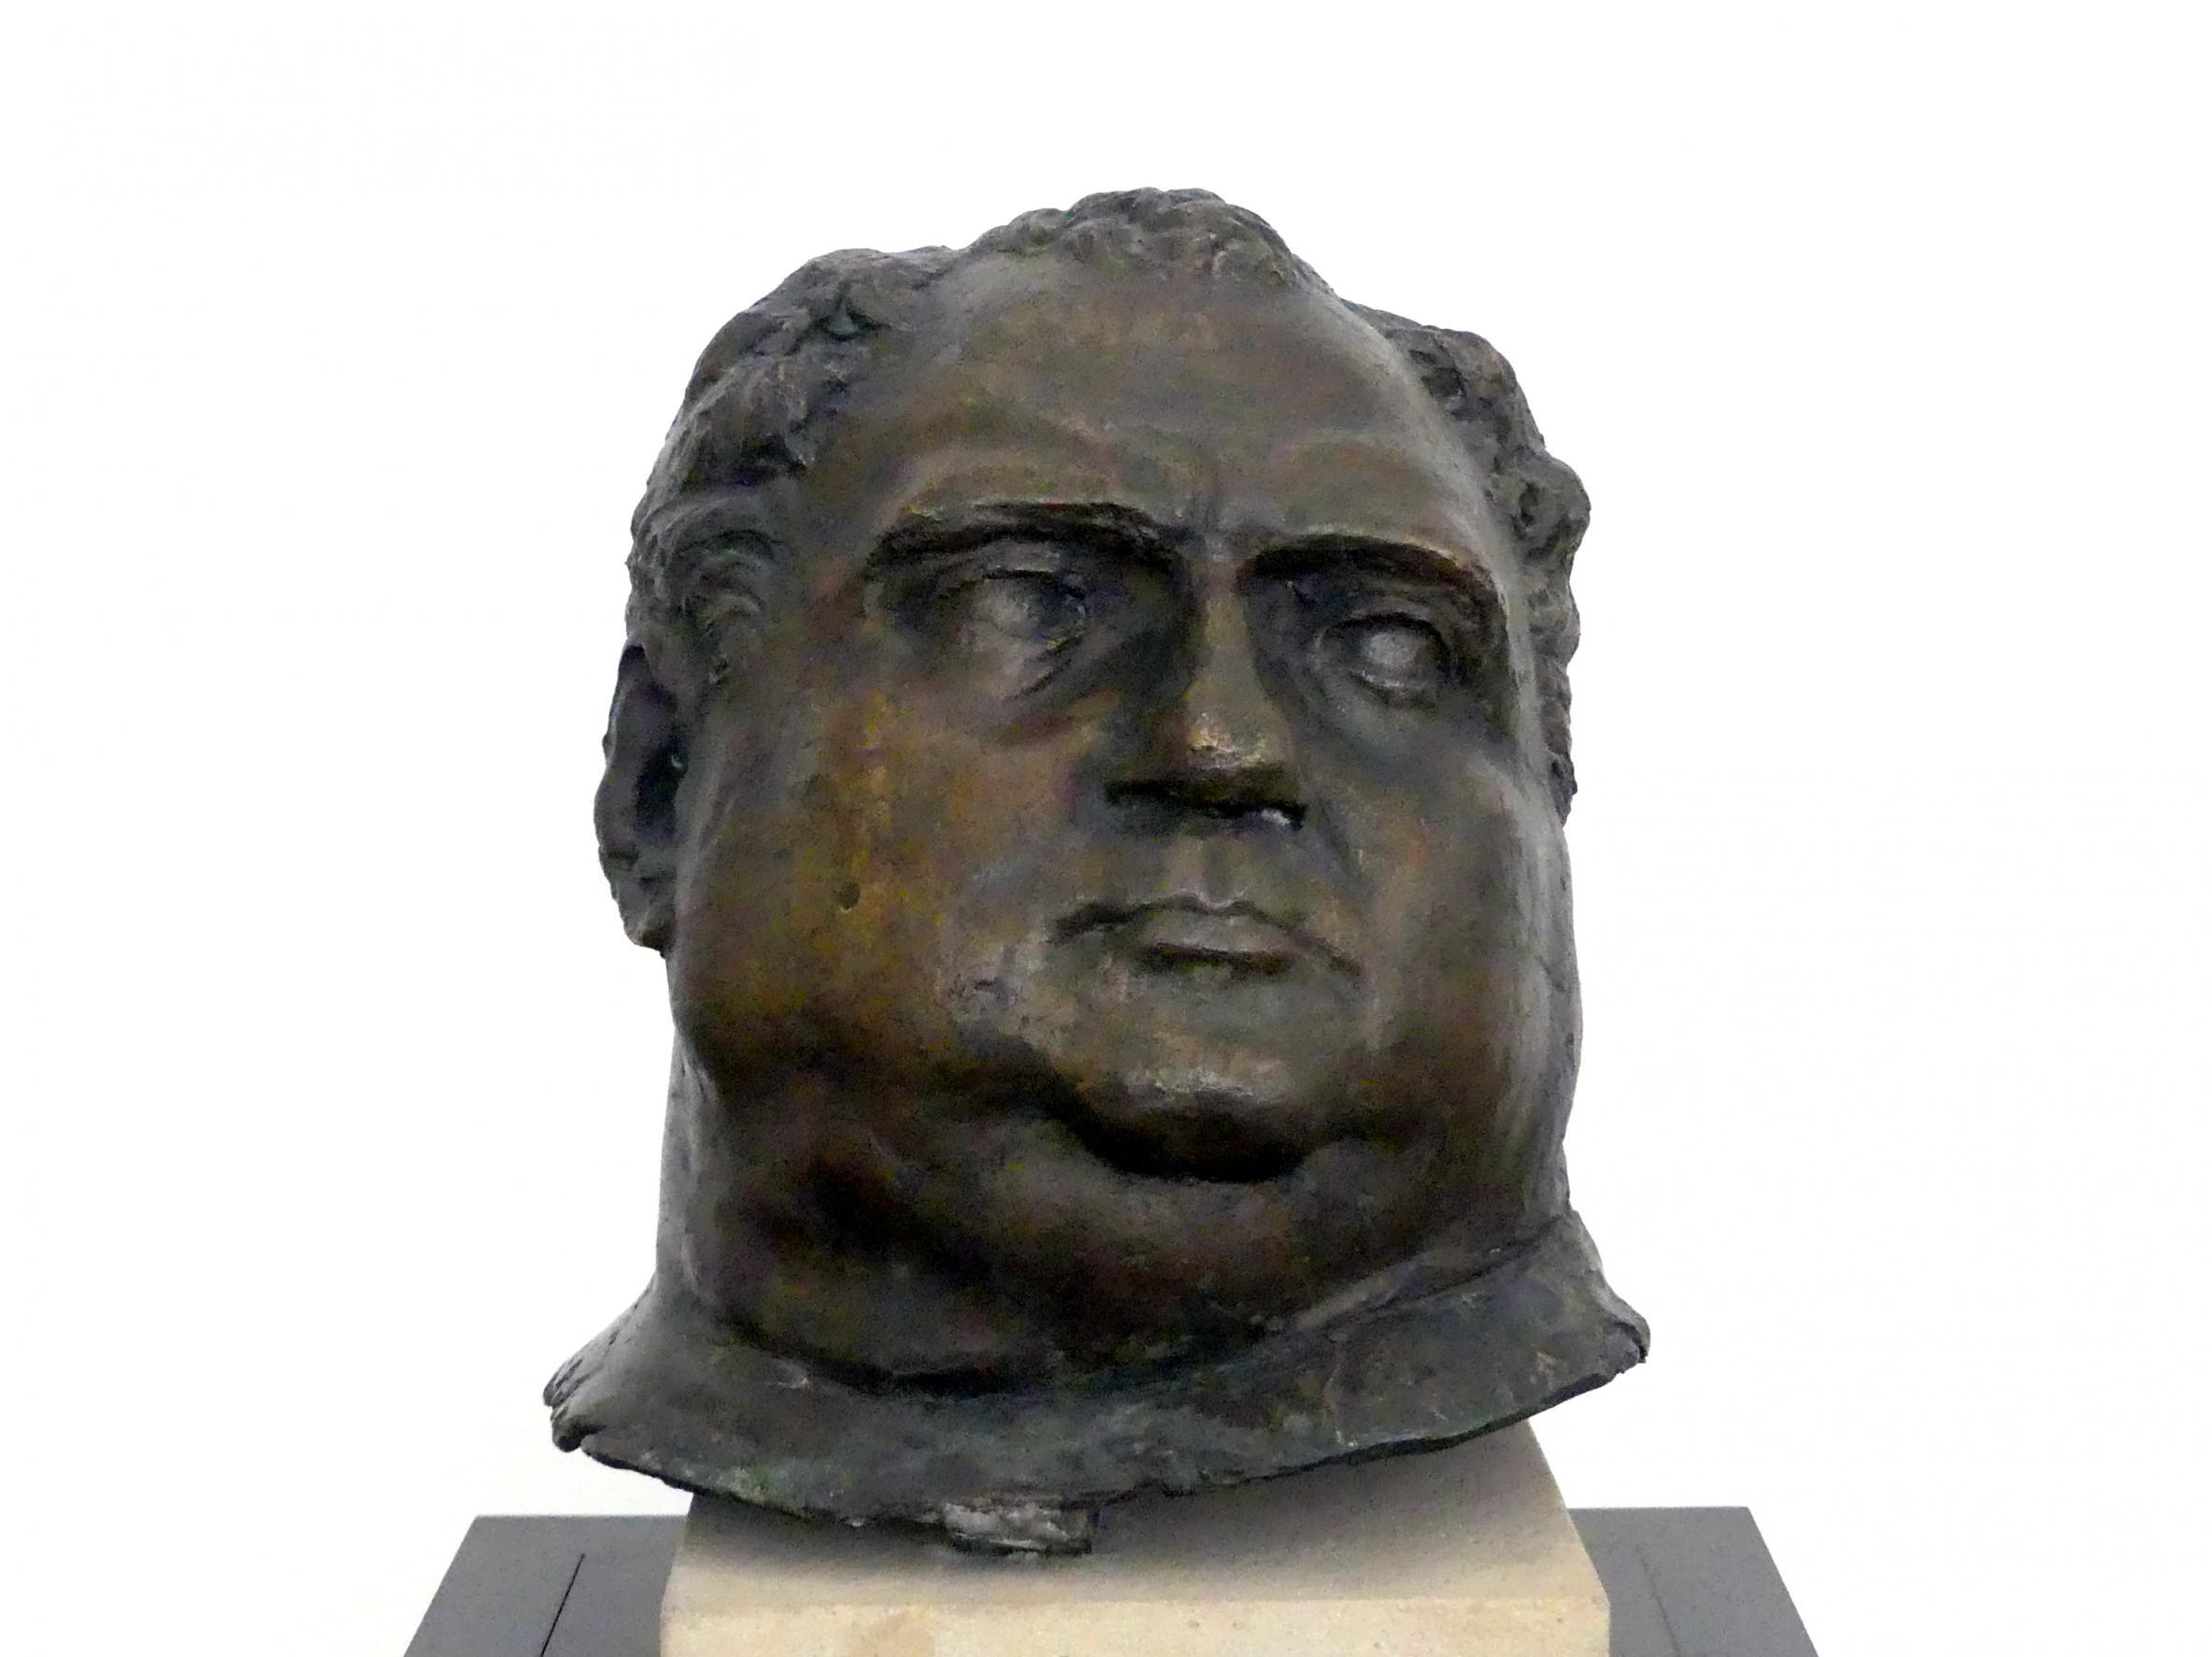 Medardo Rosso: Vitellius, Um 1894